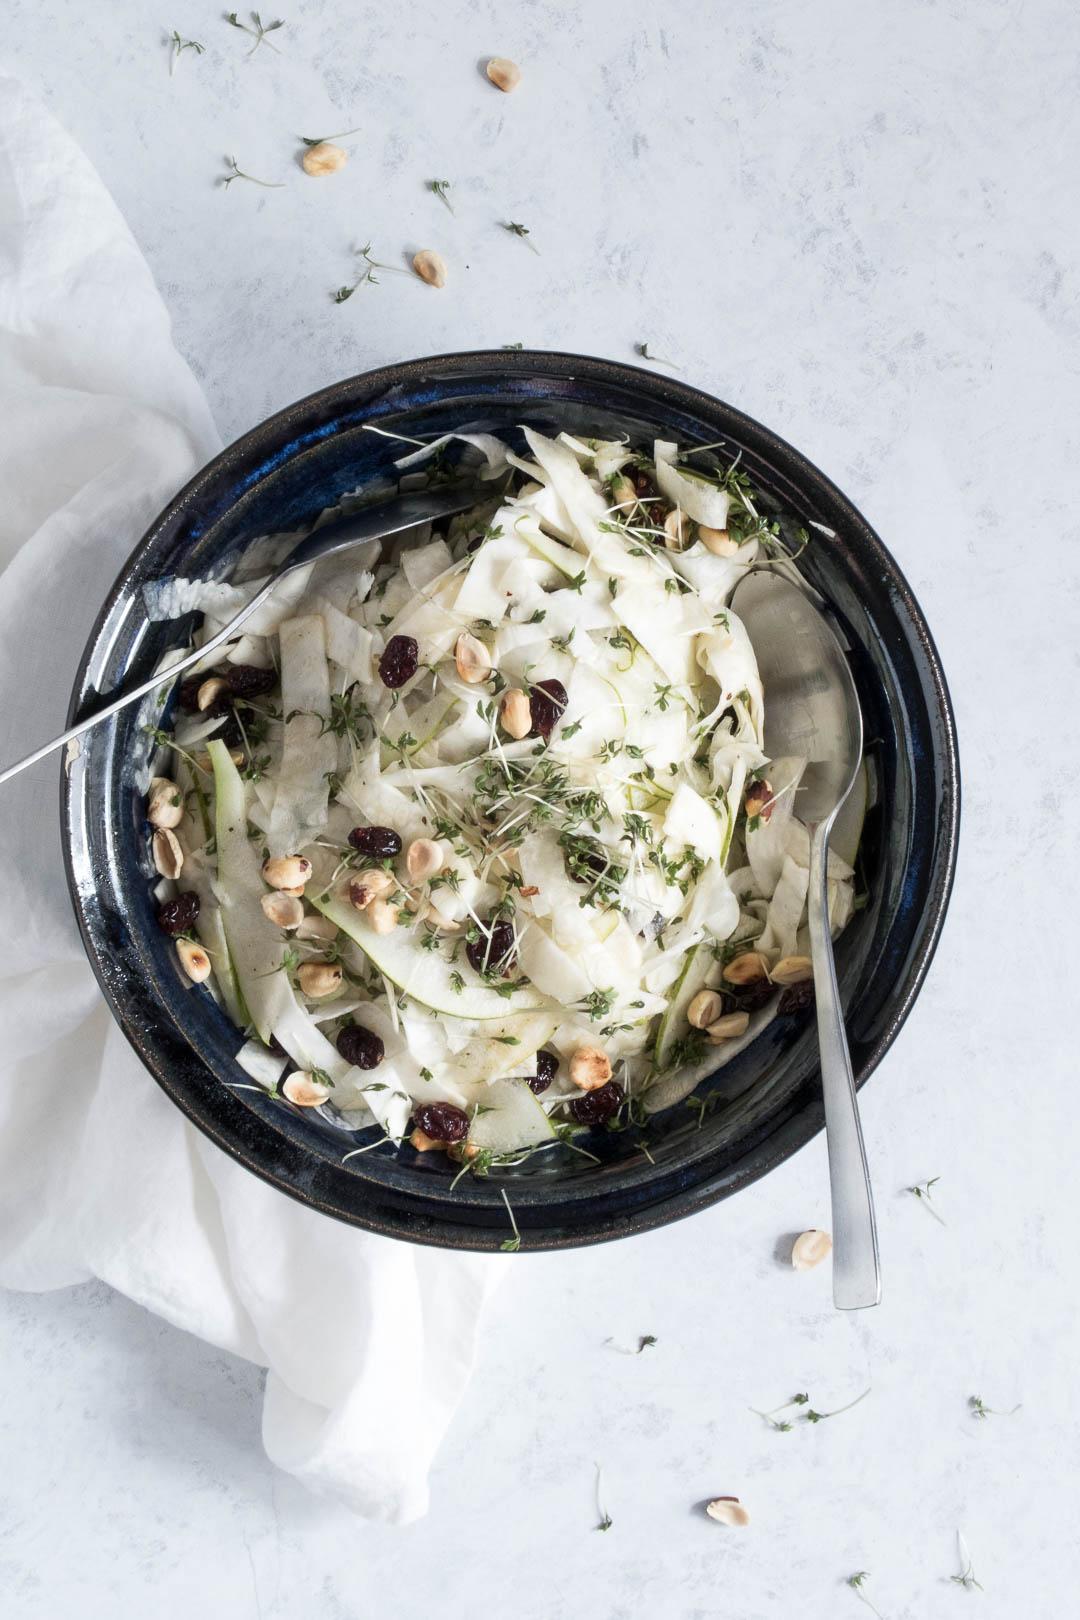 Pære-knoldsellerisalat med karse og ristede hasselnødder - opskrift